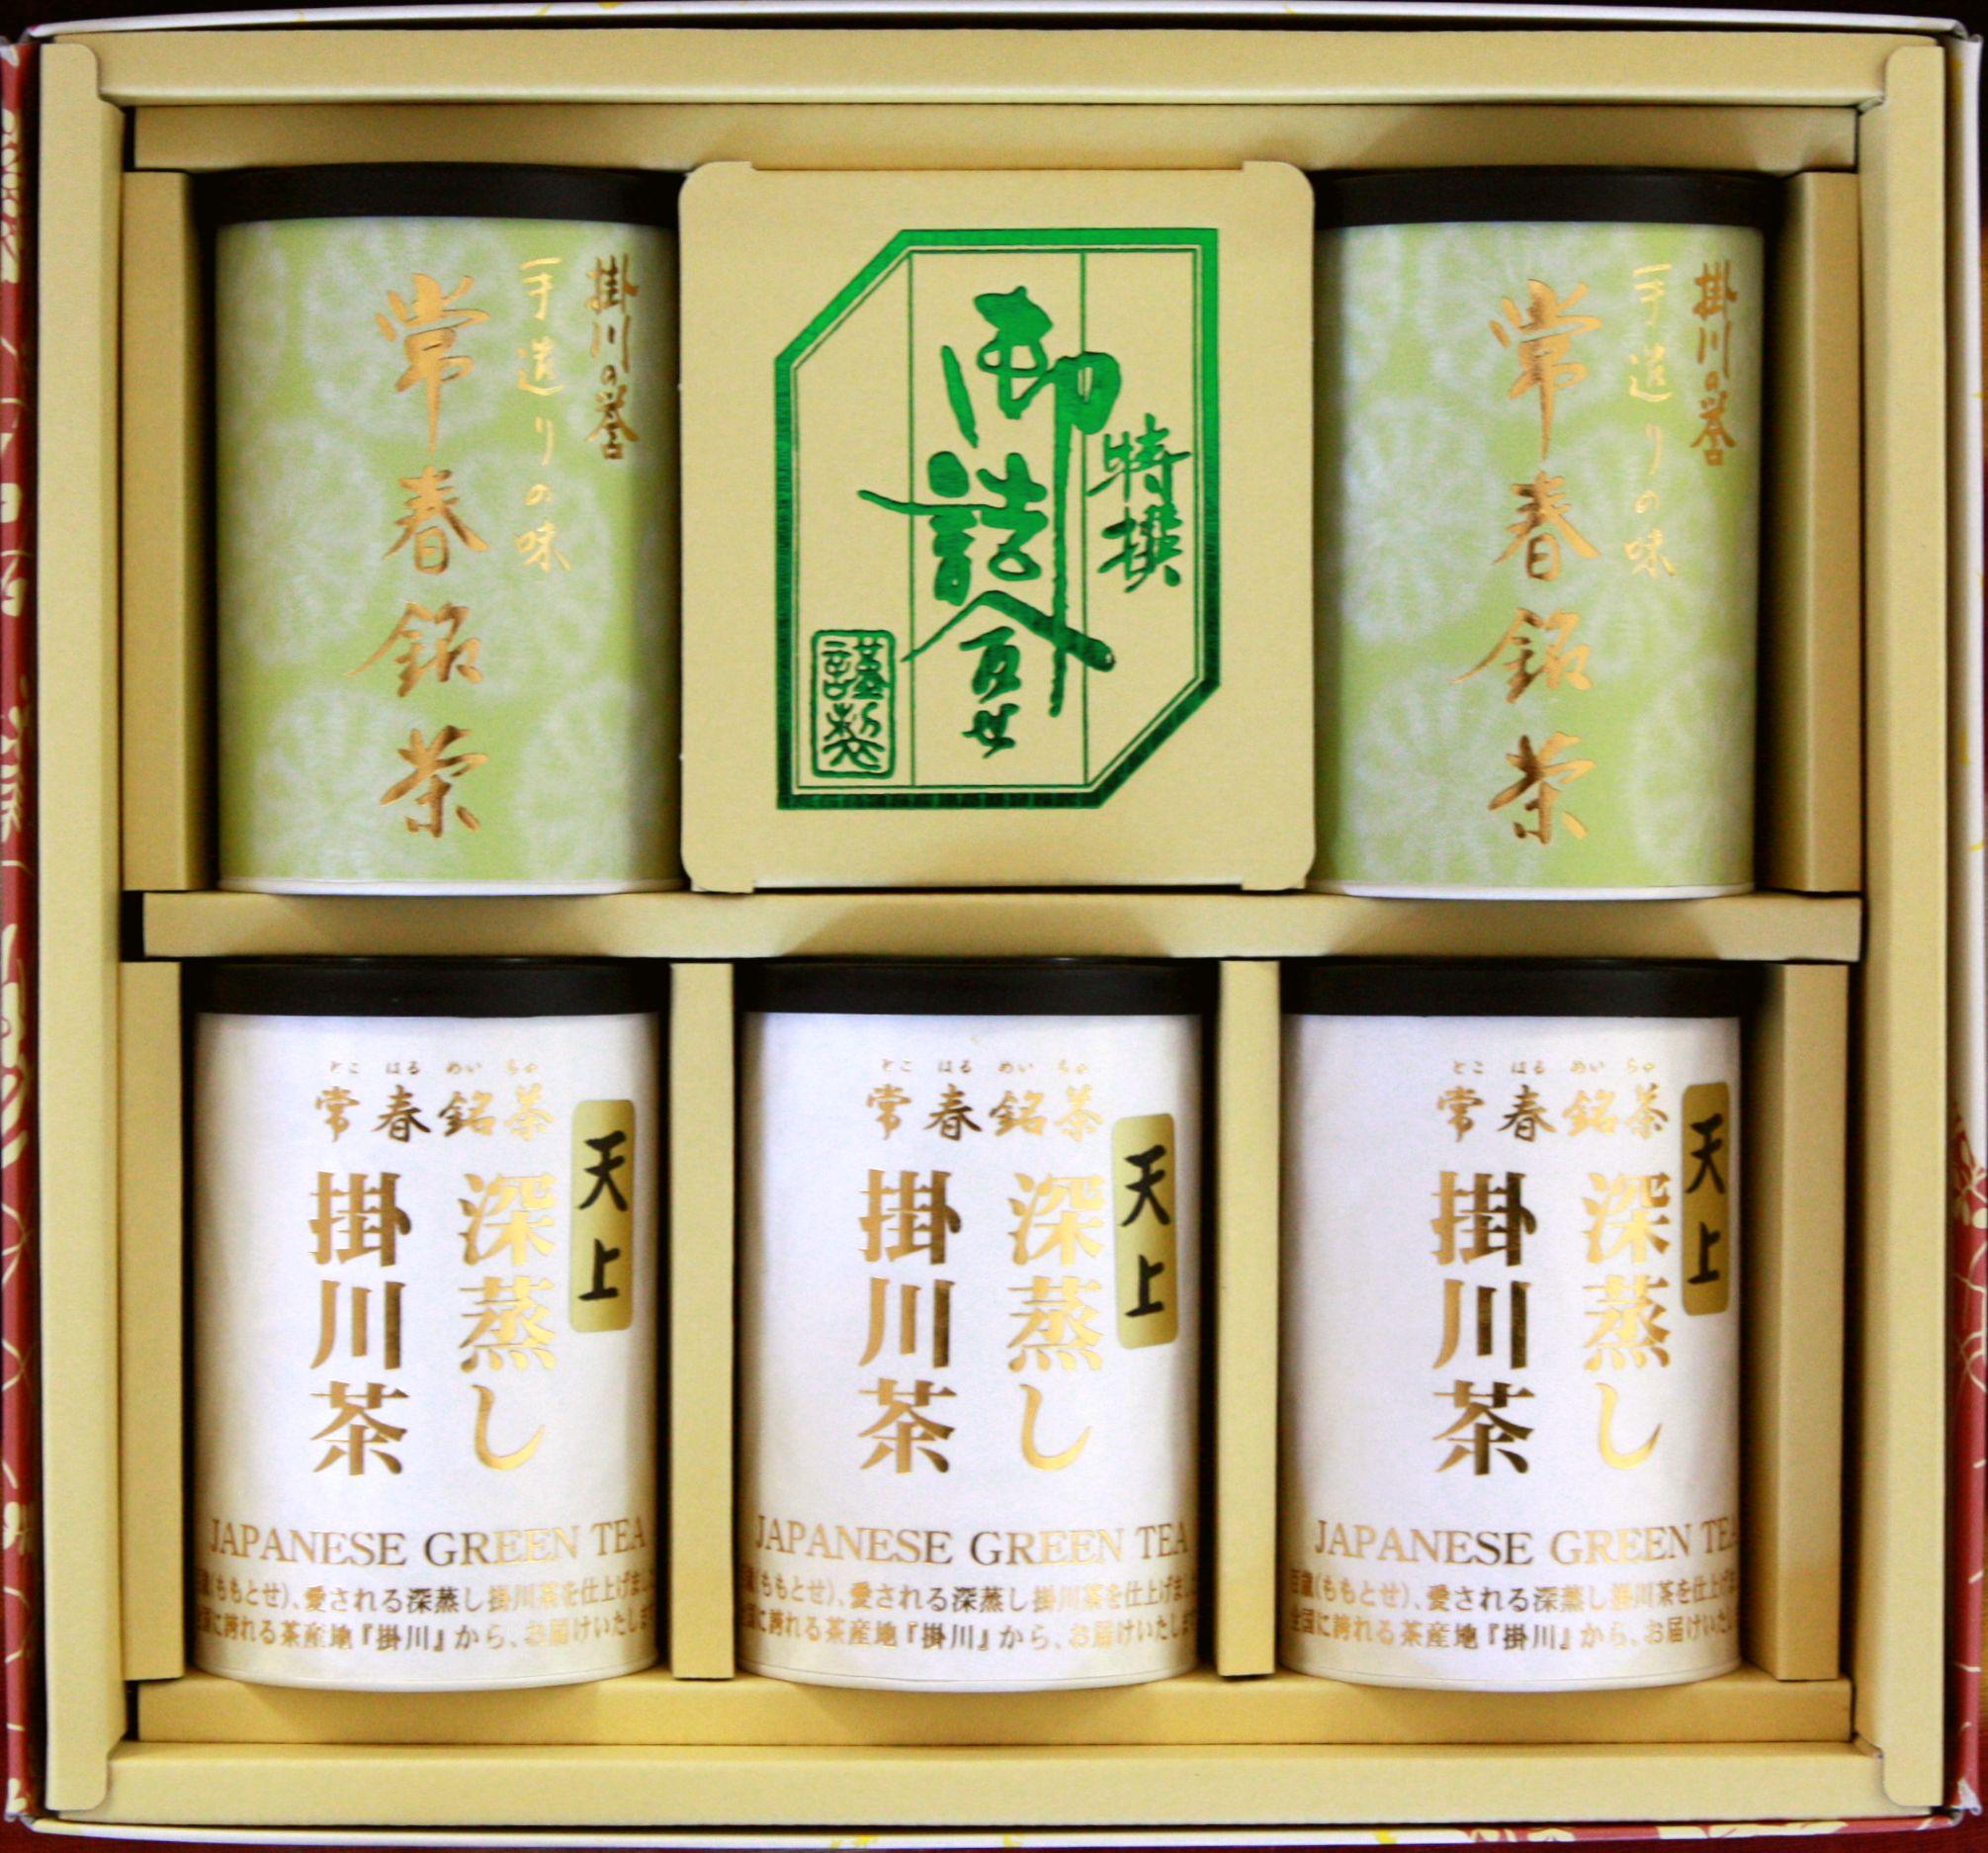 静岡深蒸し掛川茶の天上100g3缶と掛川の誉2缶セット